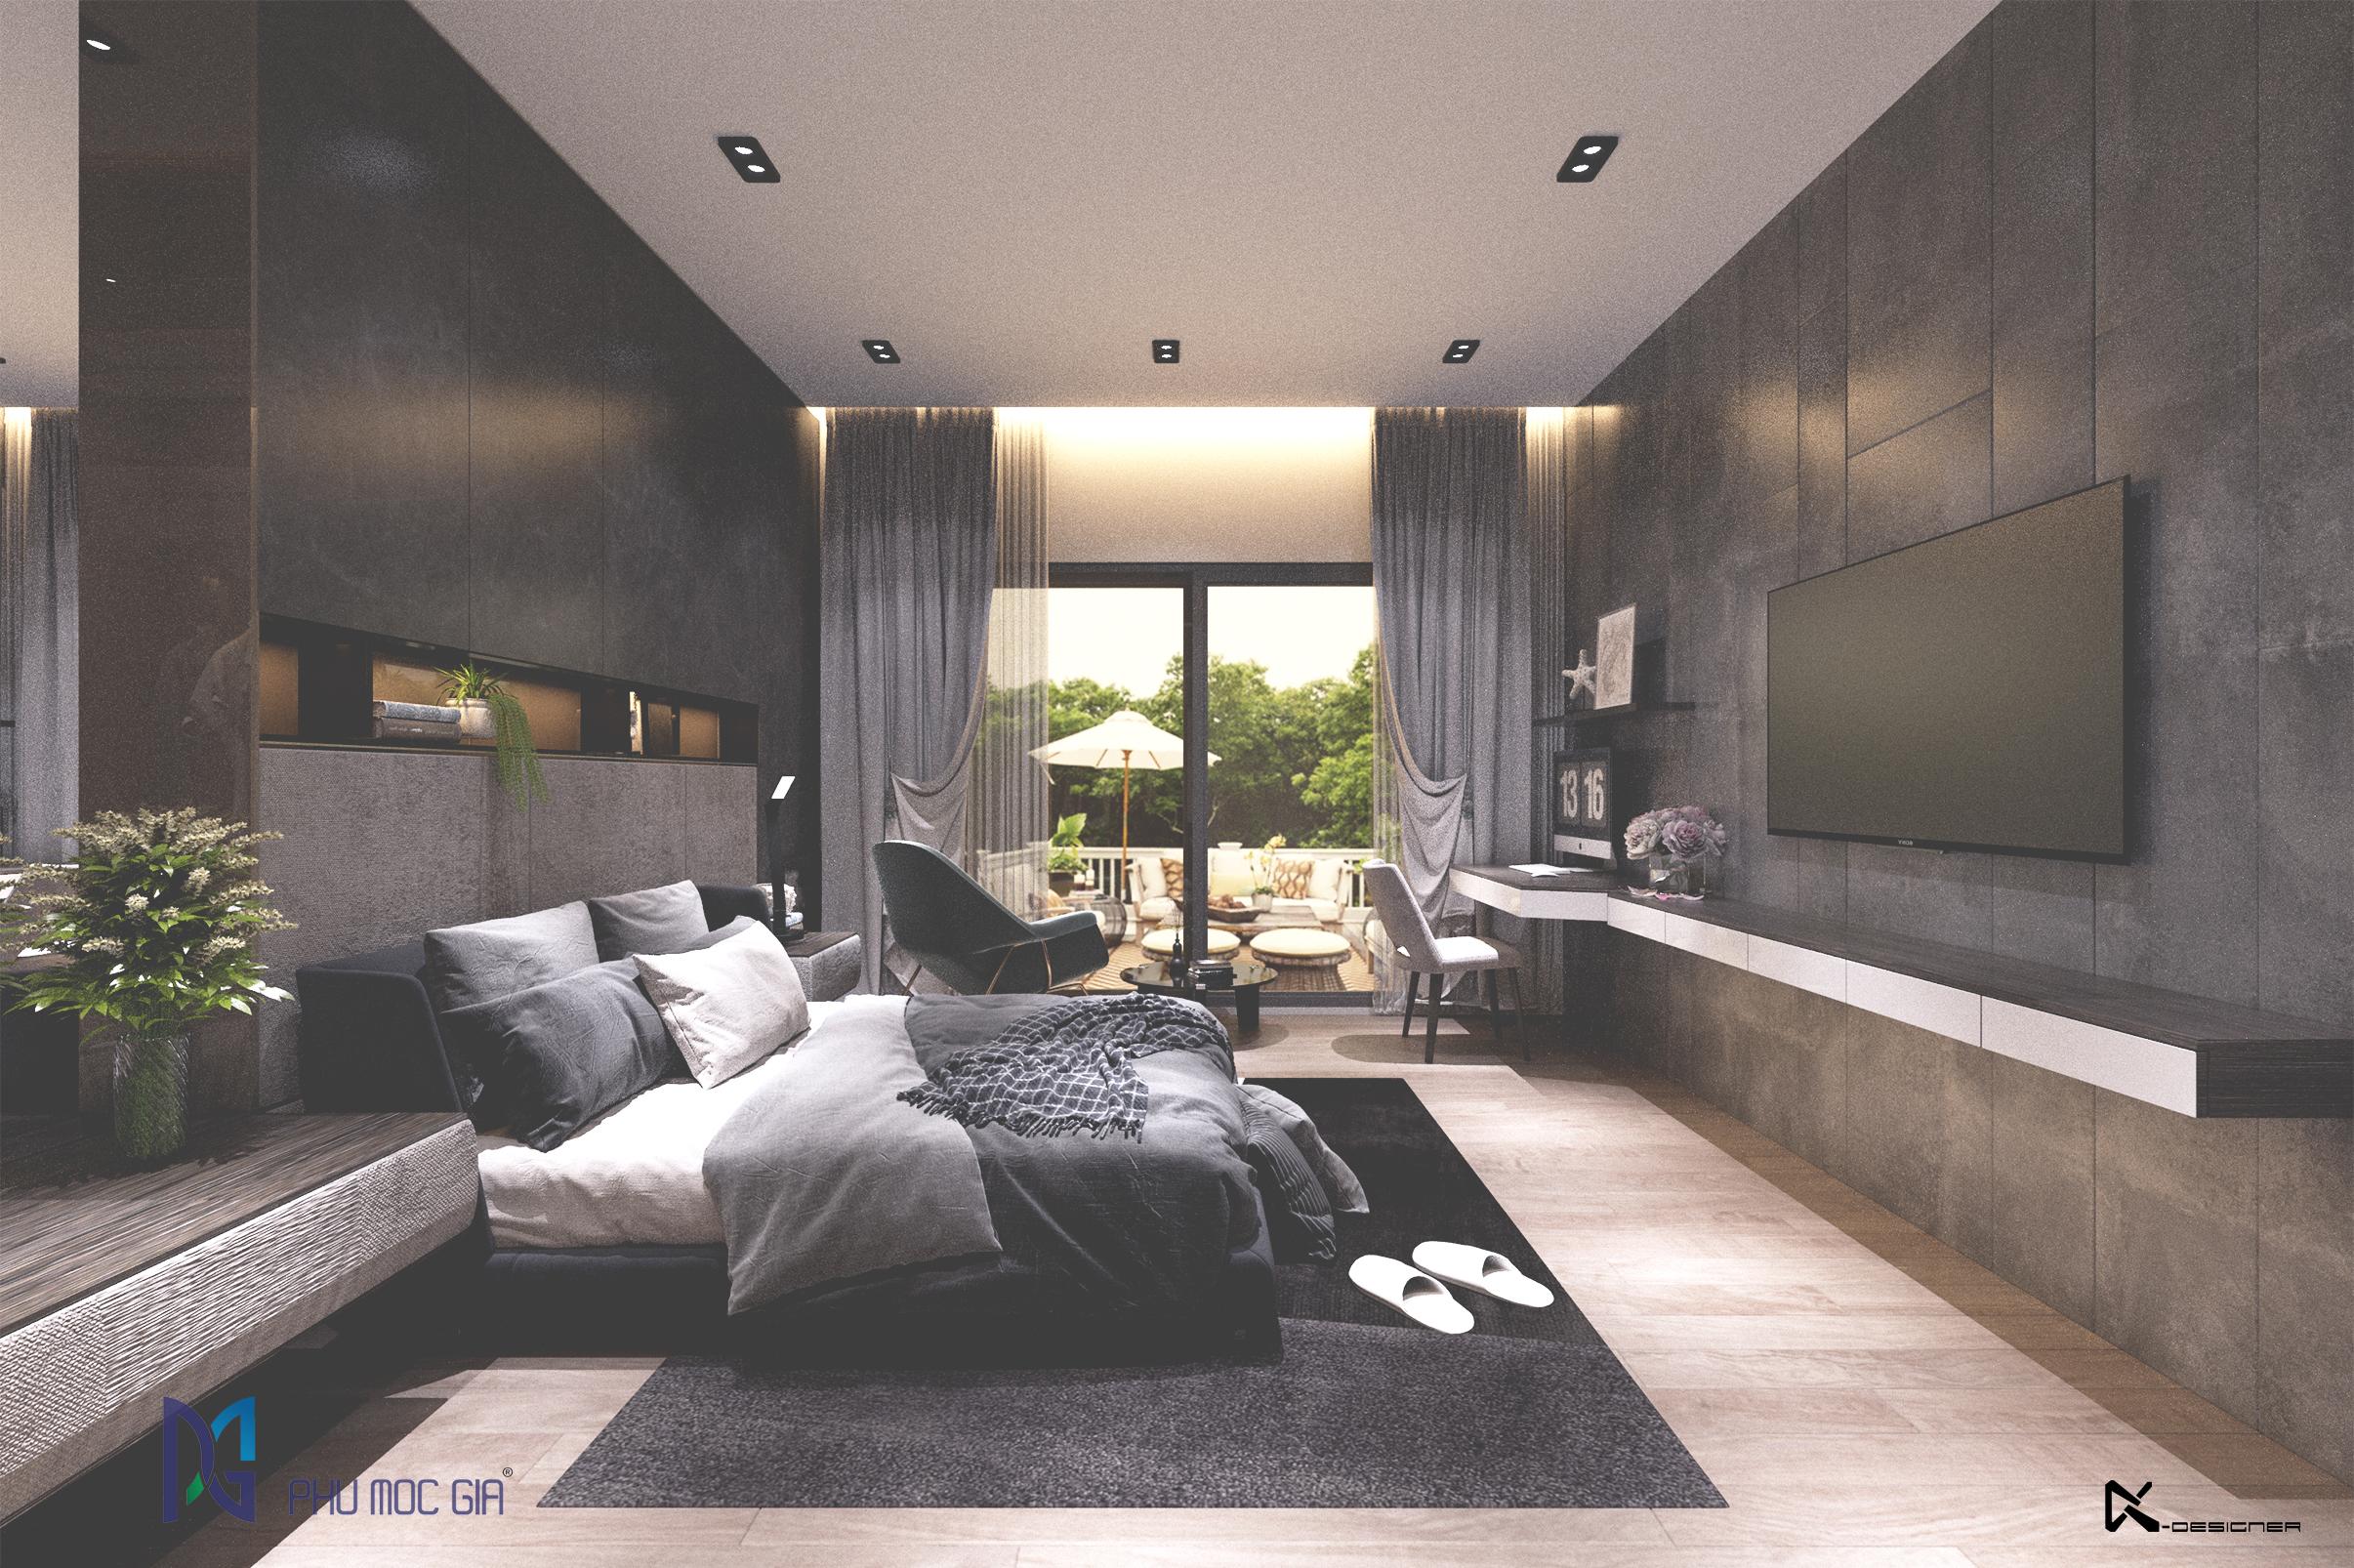 thiết kế nội thất Biệt Thự tại Đà Nẵng Sky Villa 4 1563984677